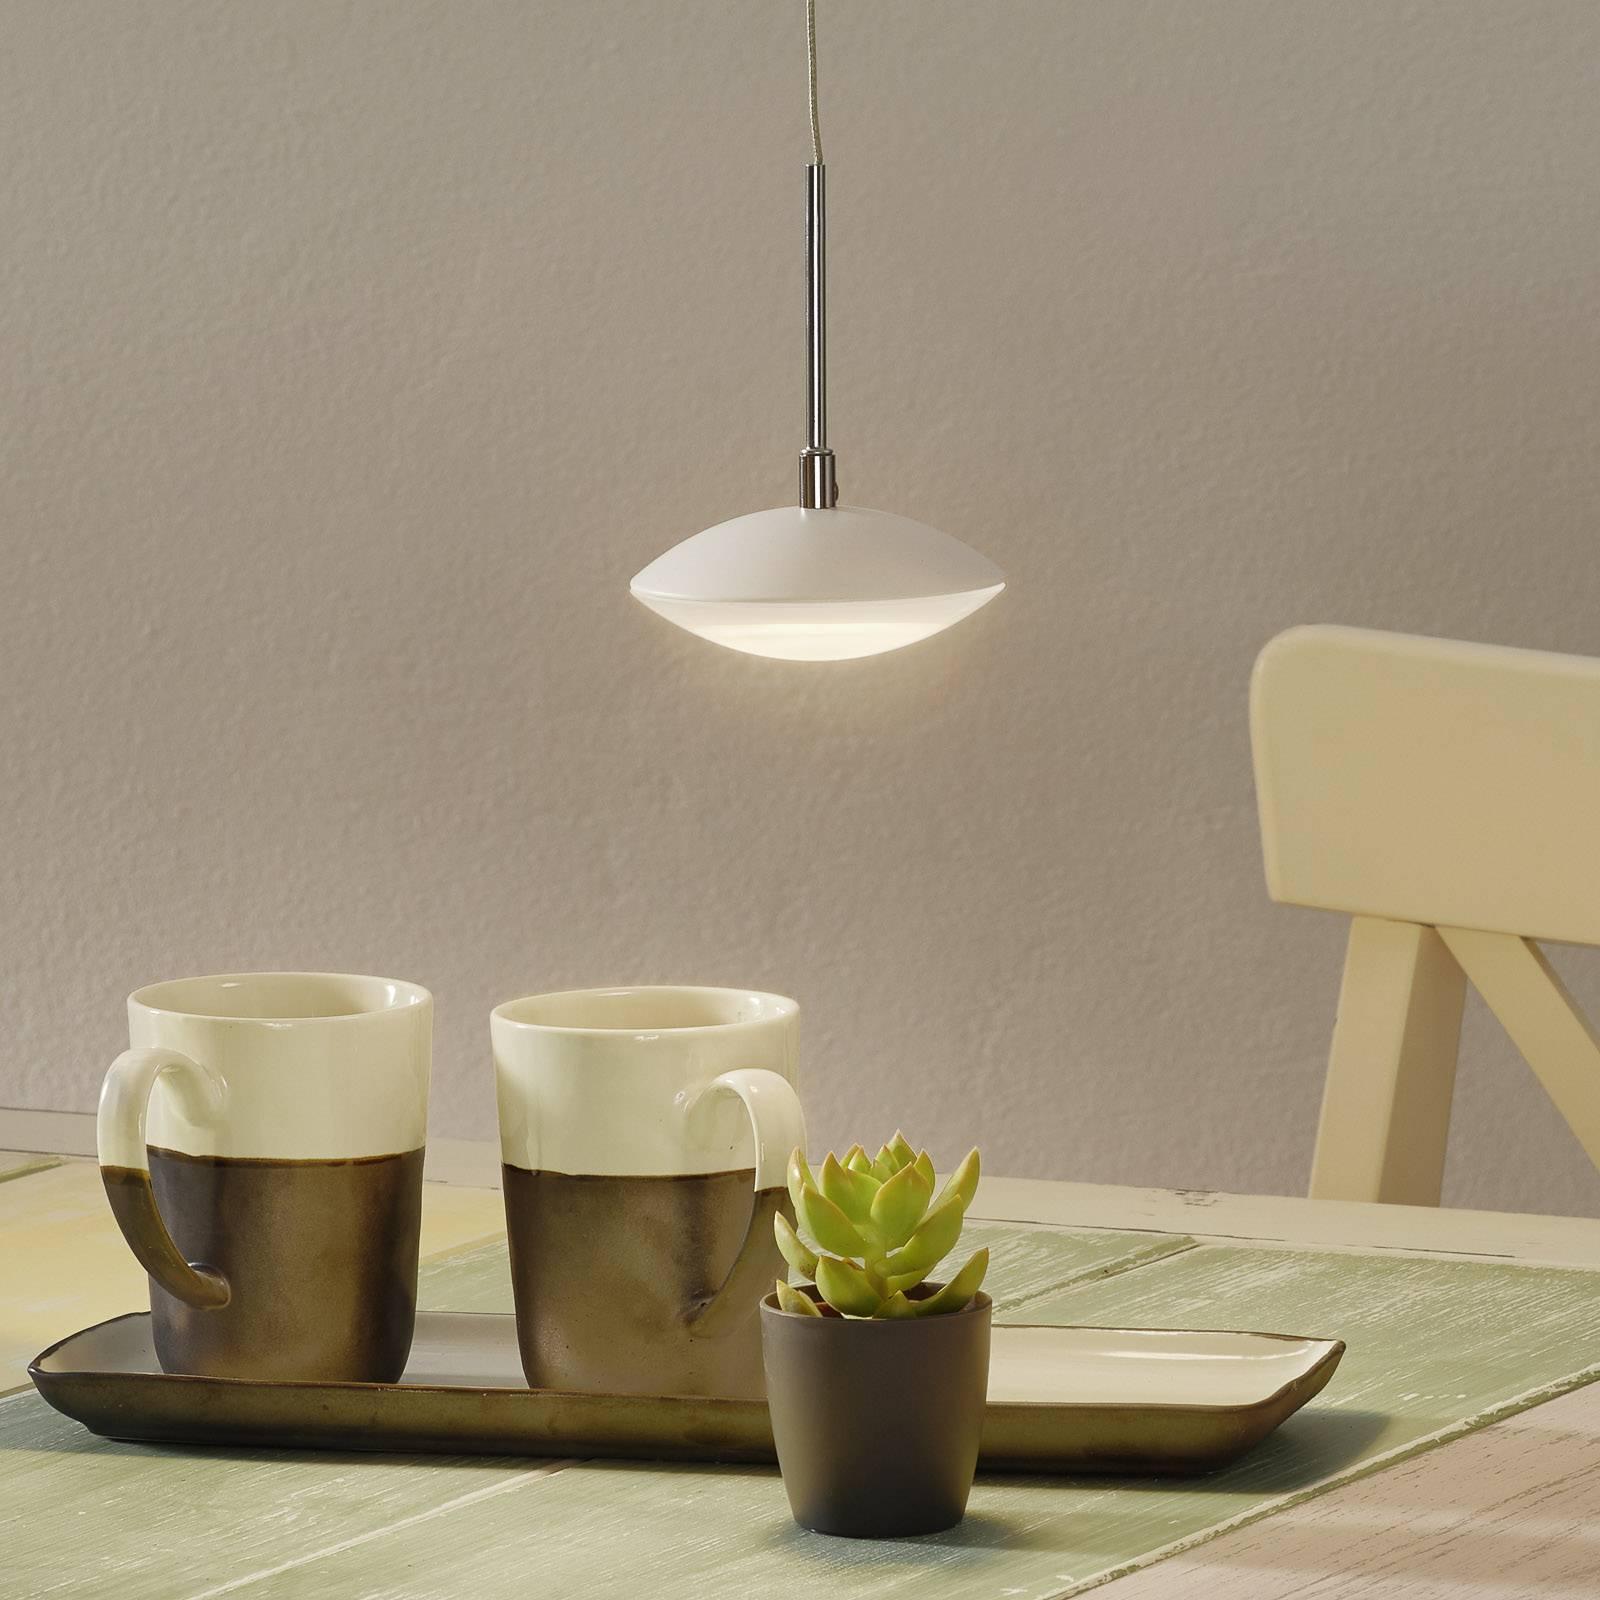 Lampada a sospensione LED Hale